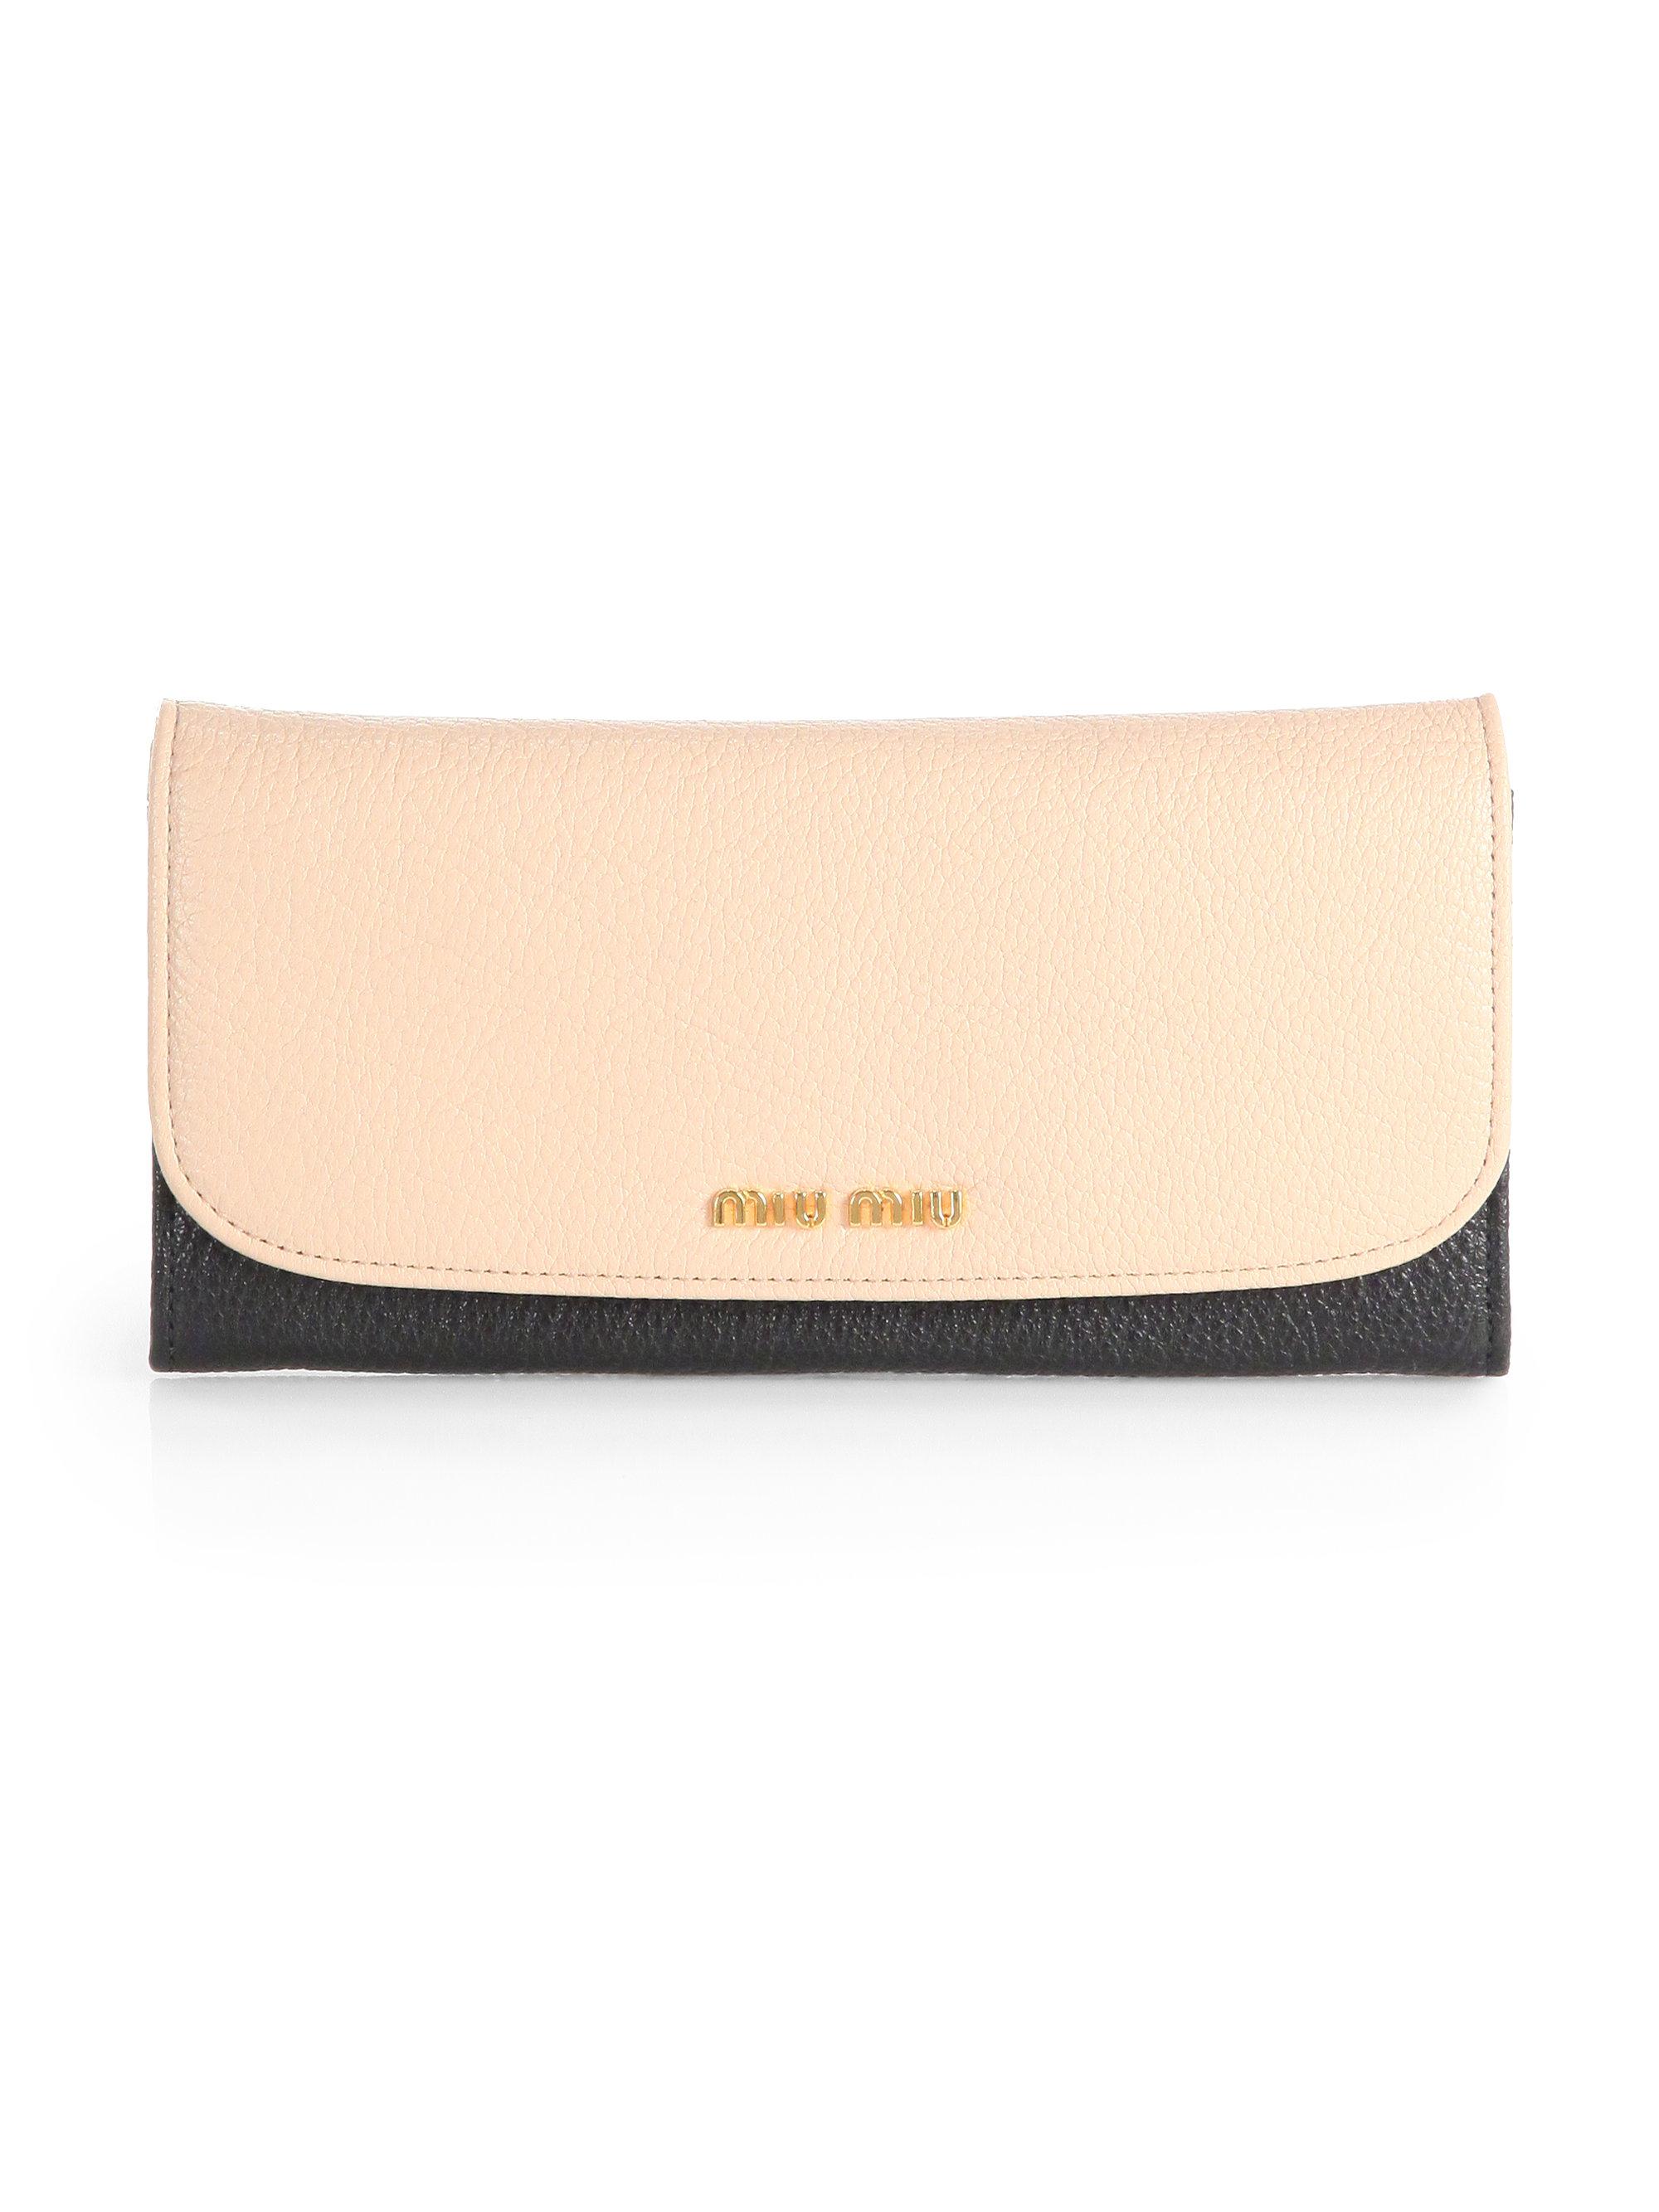 d98a2109534 miu-miu-pink-madras-bicolor-continental-wallet -product-1-11002468-1-438338784-normal.jpeg